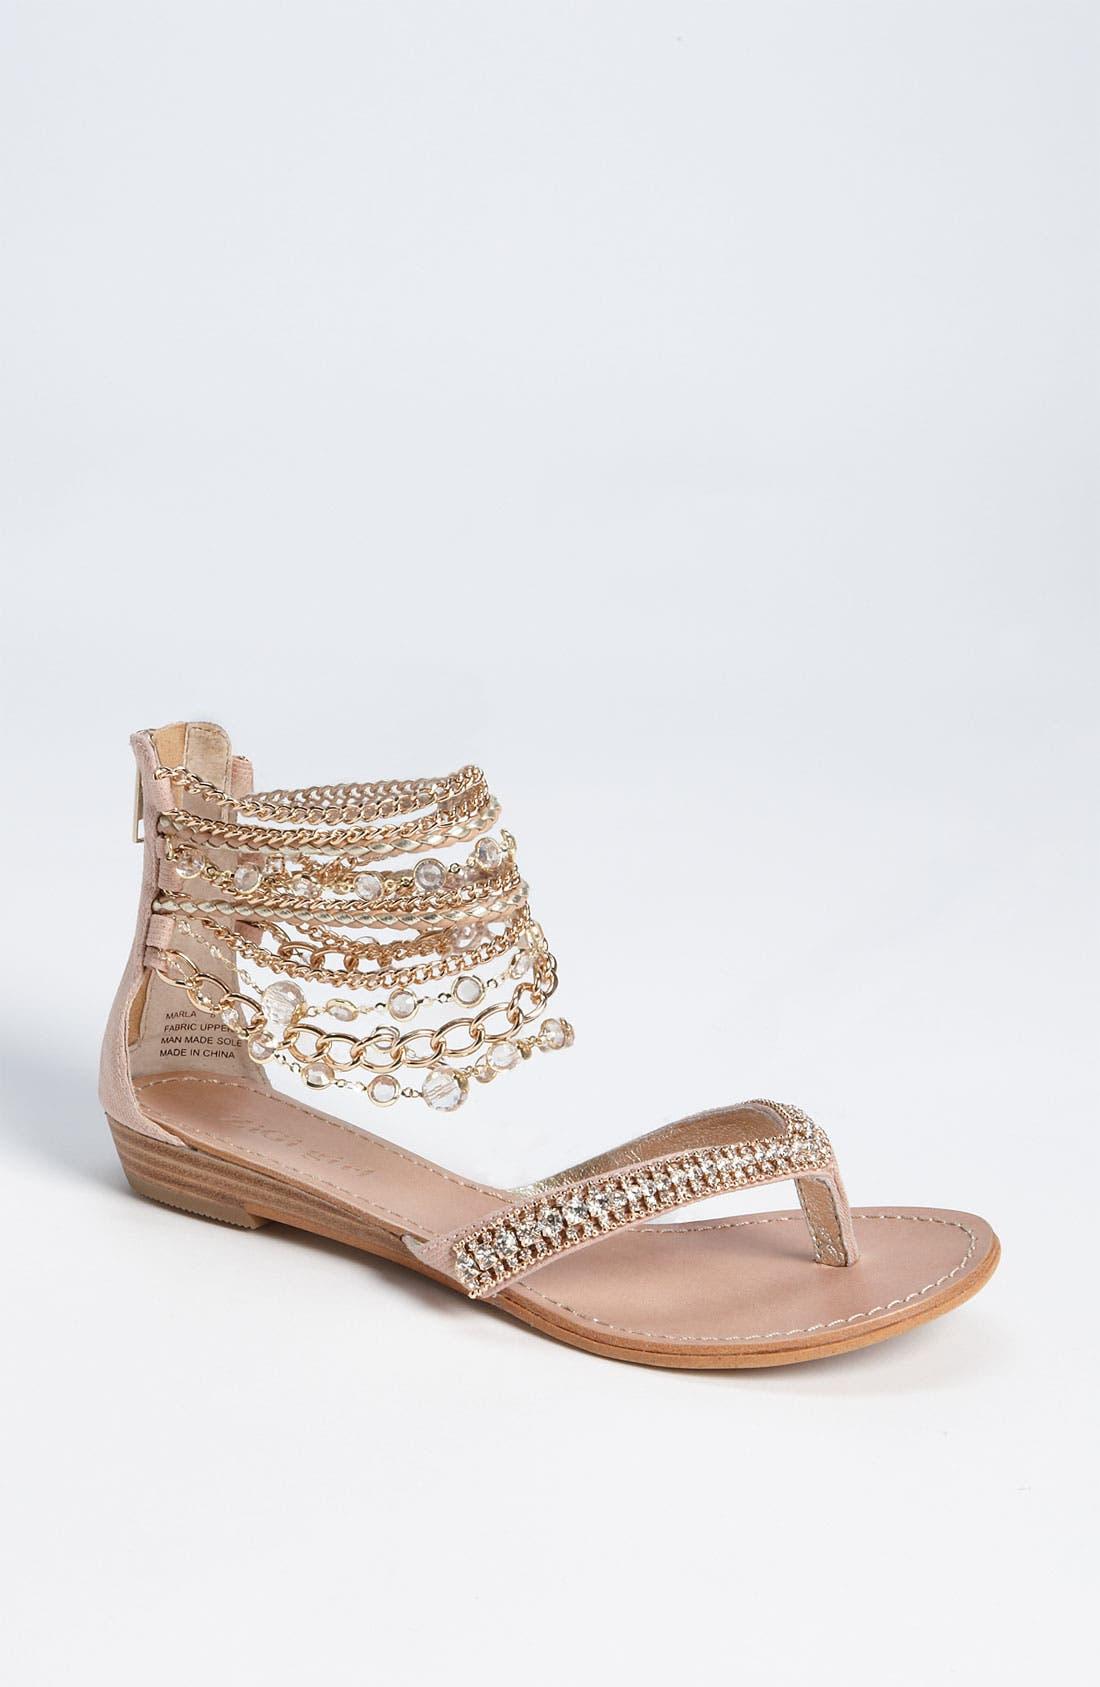 Alternate Image 1 Selected - ZiGi girl 'Marla' Sandal